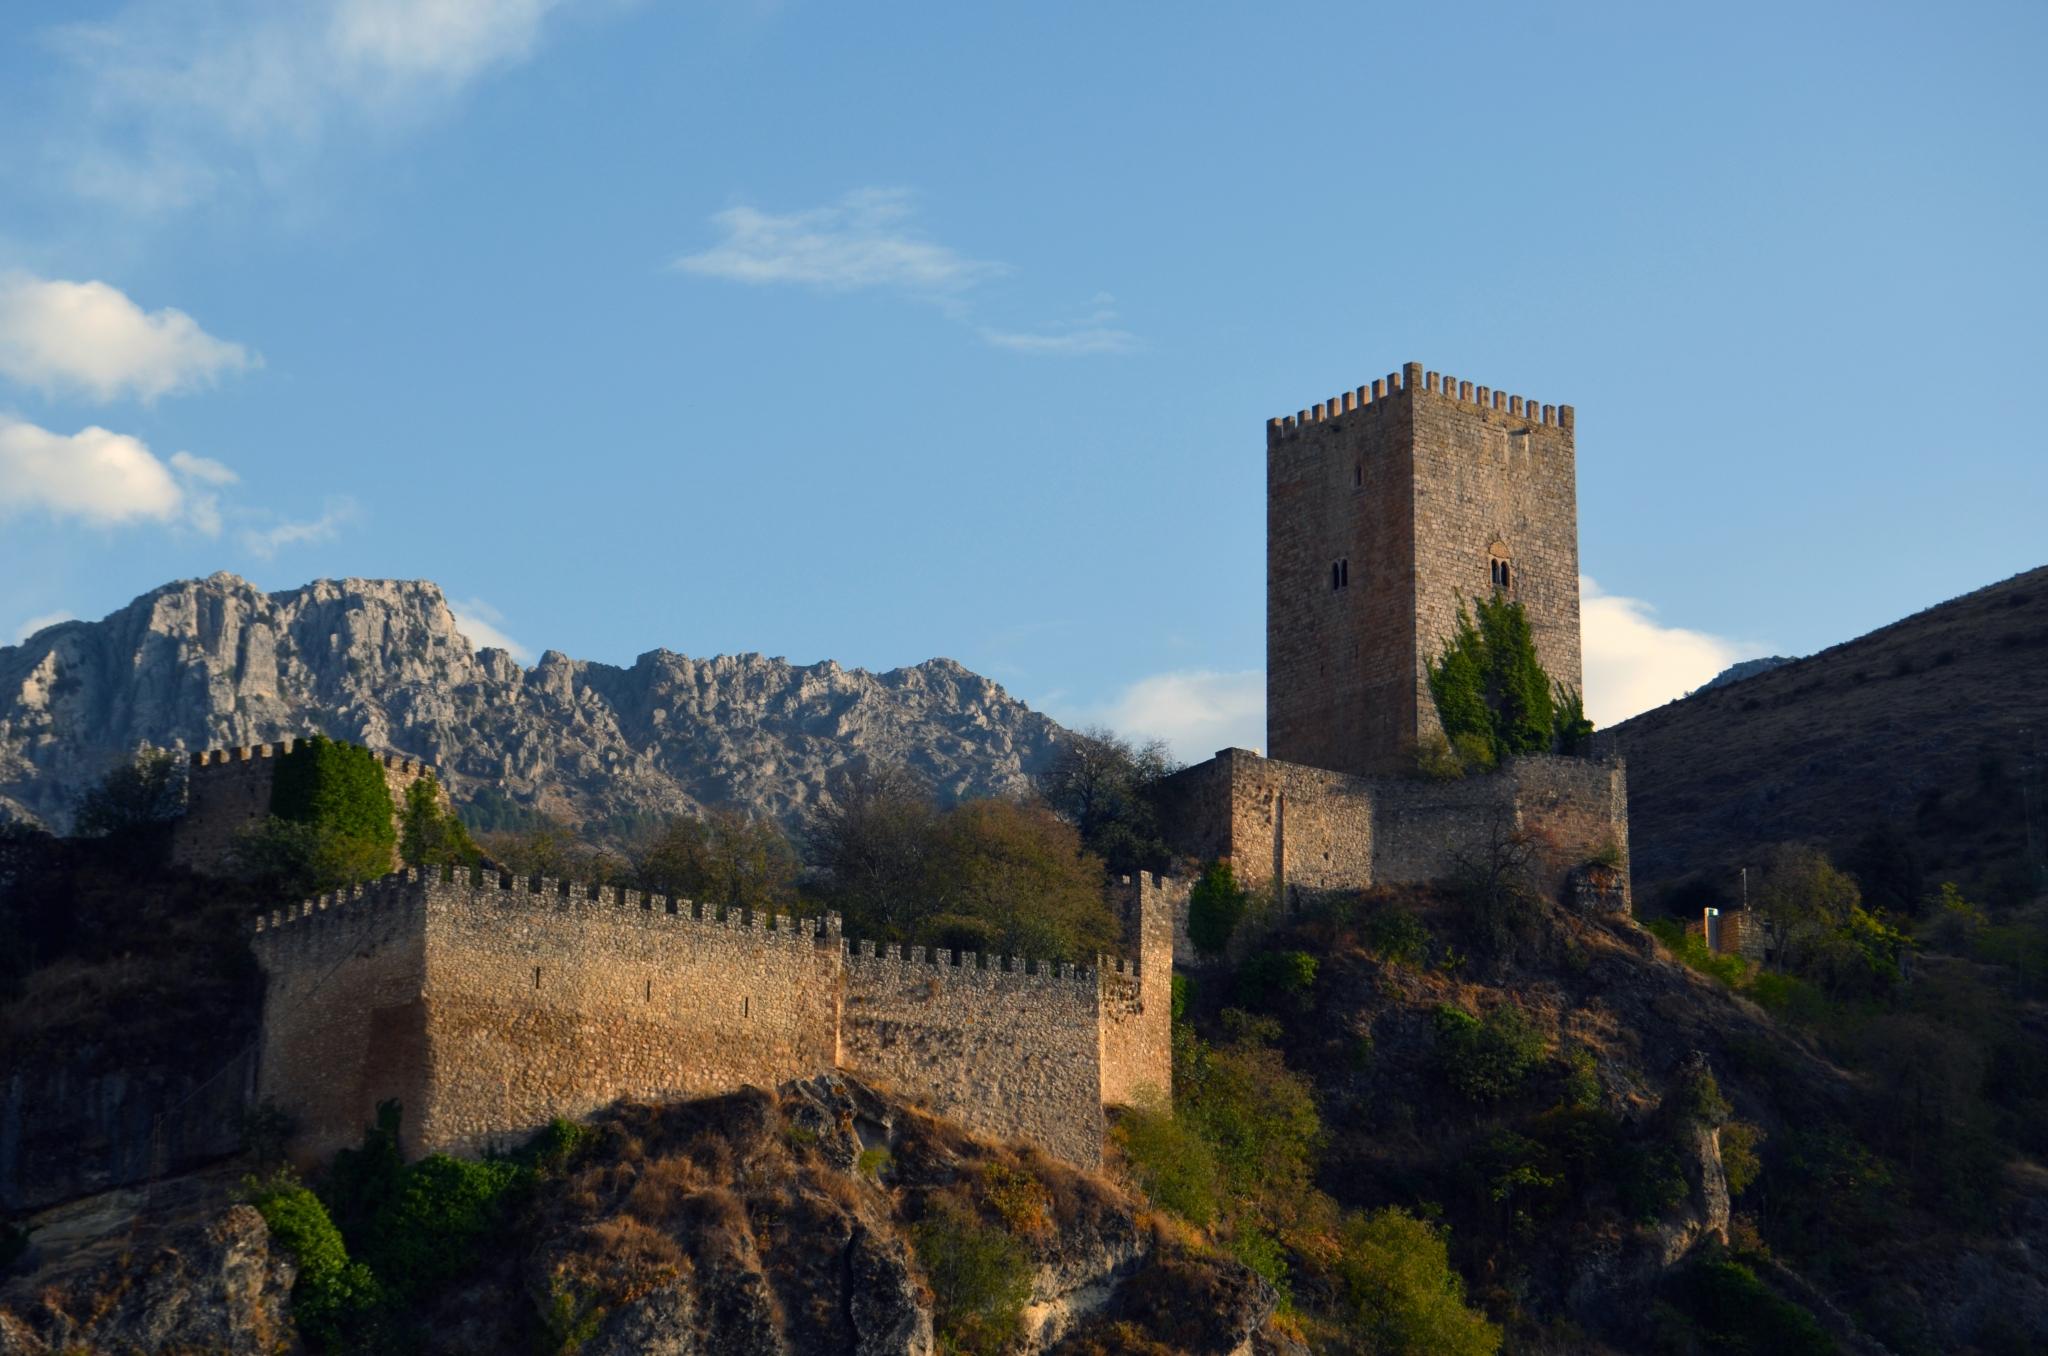 castillo de Cazorla, mirador el Balcón de Zabaleta.